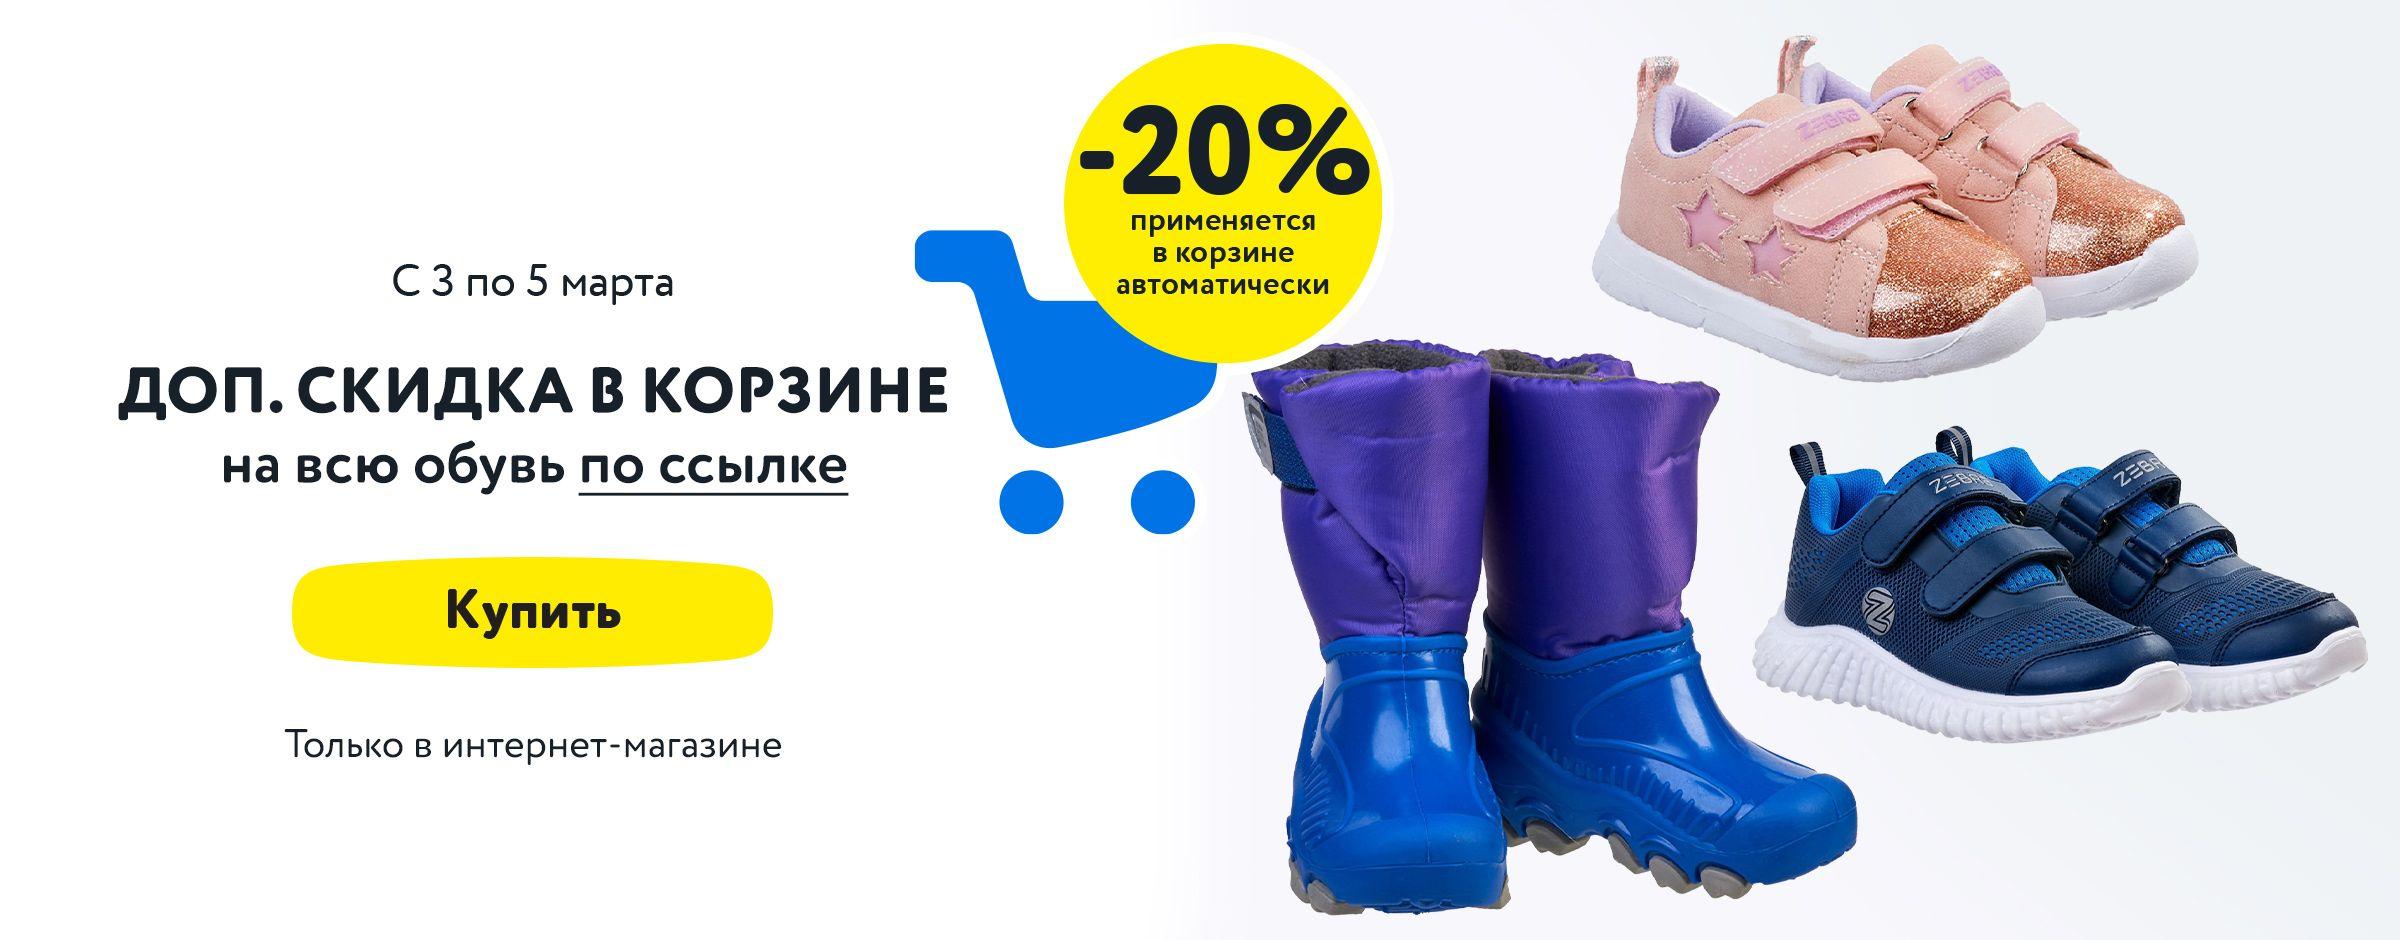 скидка 20% на обувь из выделенного ассортимента в корзине